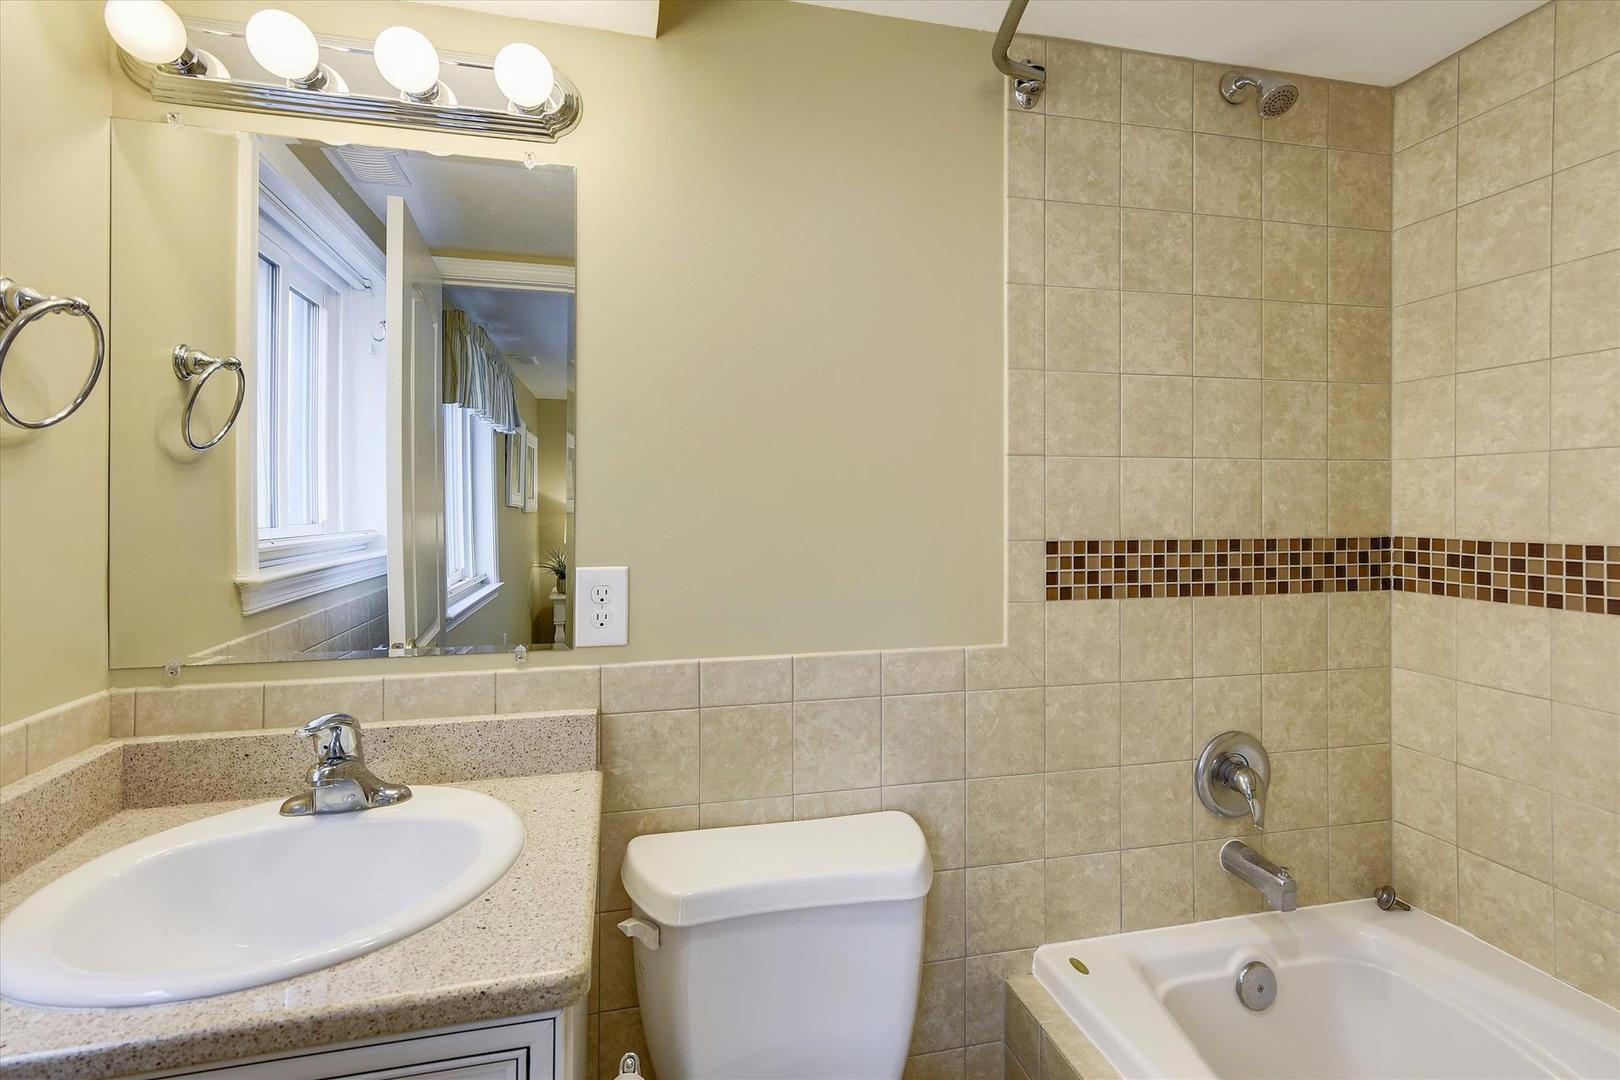 Ocean City Boardwalk Suites N2 - Bathroom 2